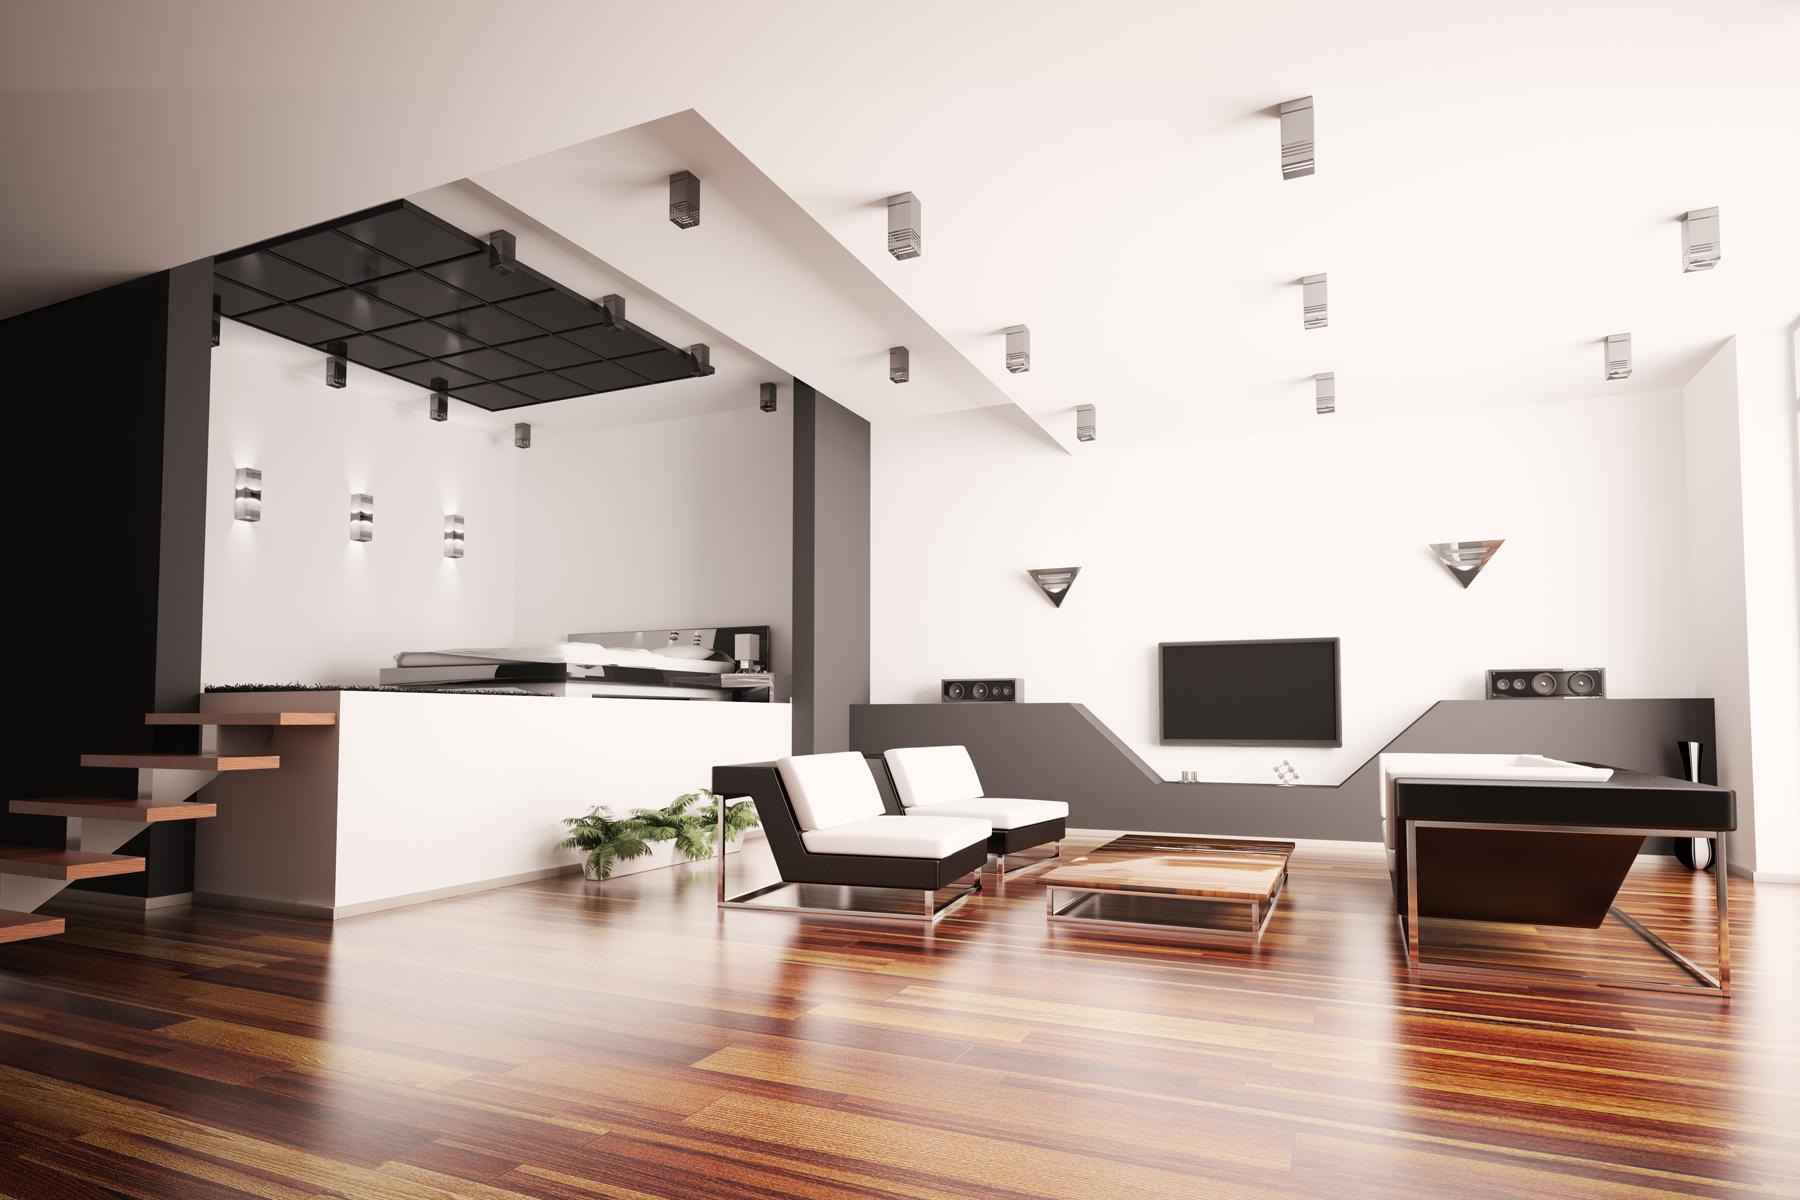 Elementos del dise o de interiores attaria kitchen for Donde estudiar diseno de interiores